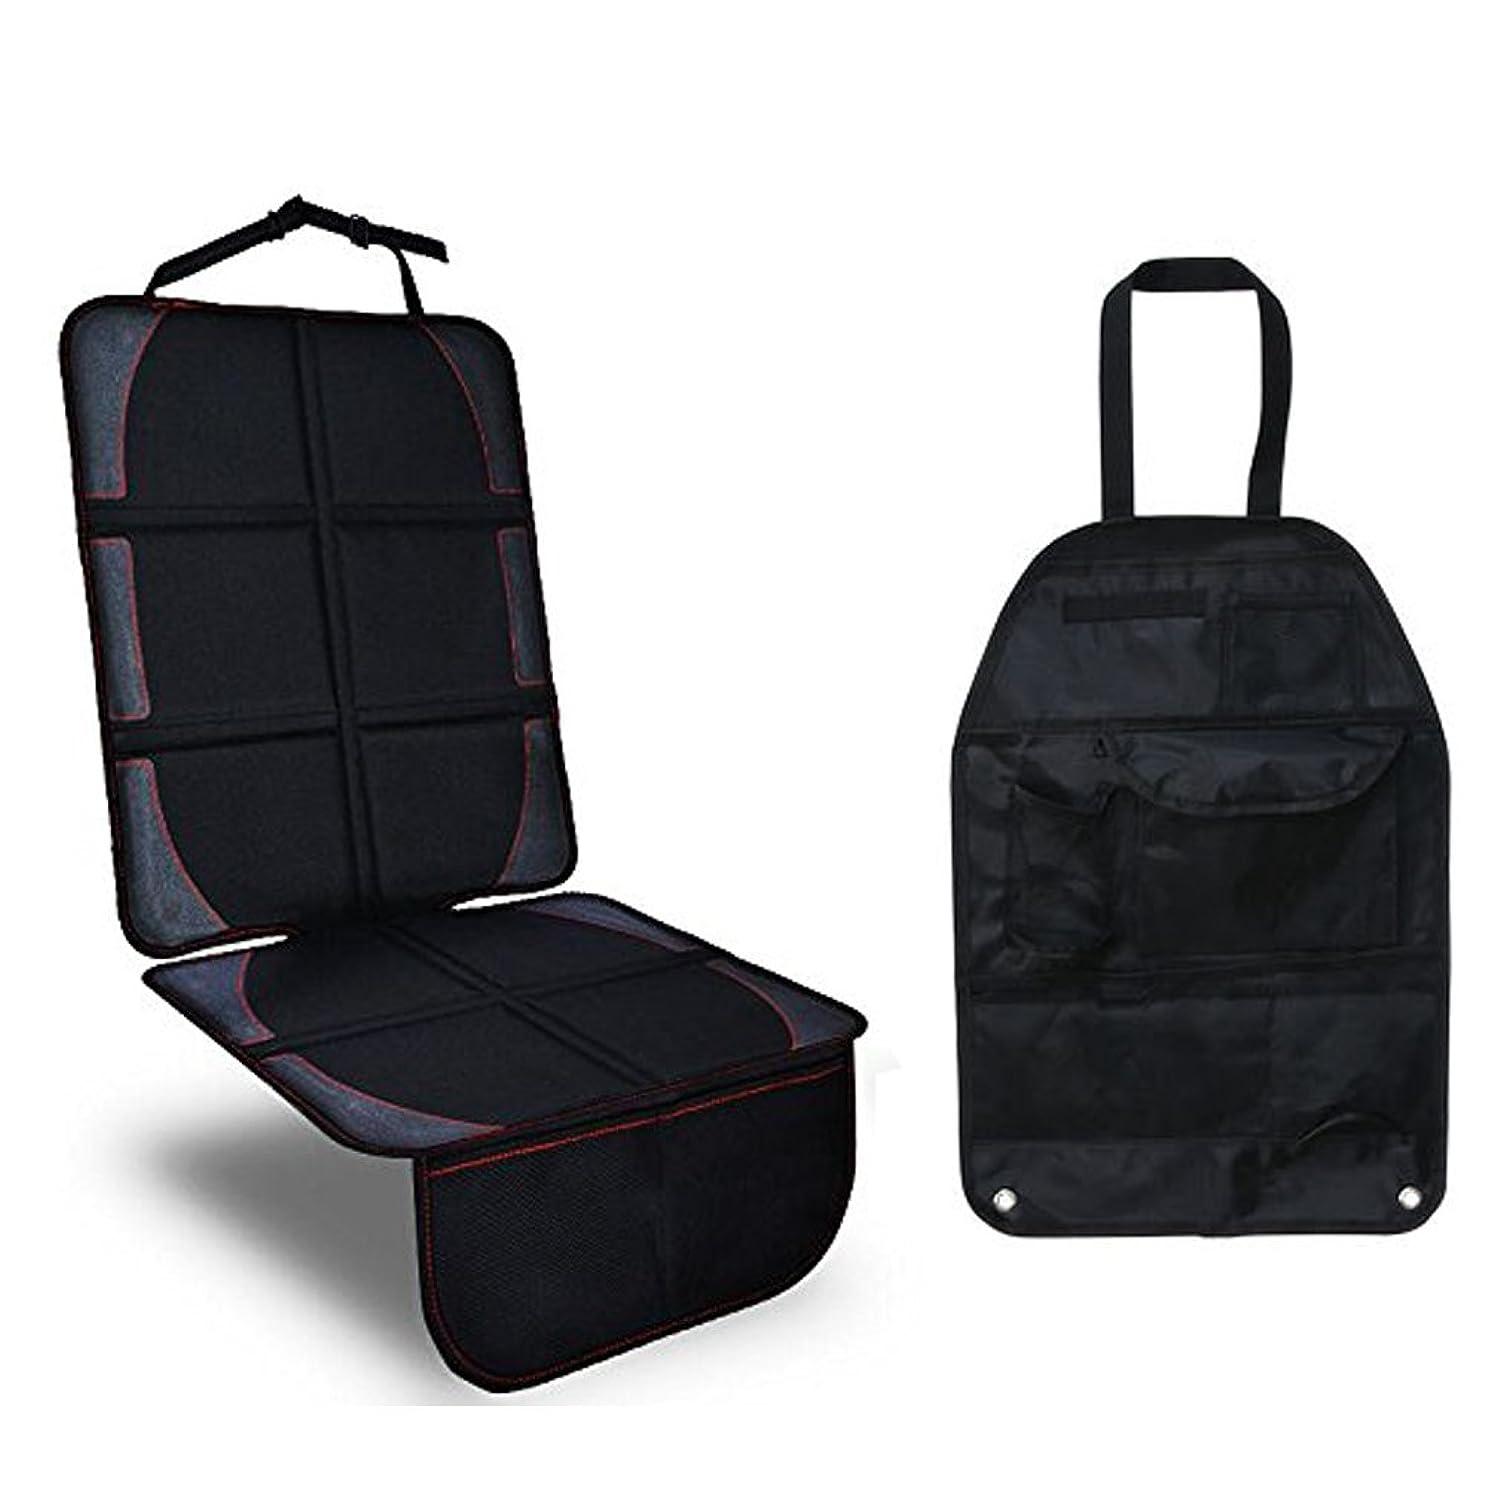 排泄物寝る自分のチャイルドシート保護マット カーシート収納袋 車プロテクトカバー 座席保護 滑り止め キックガード ISOFIX車類対応 2点セット ブラック